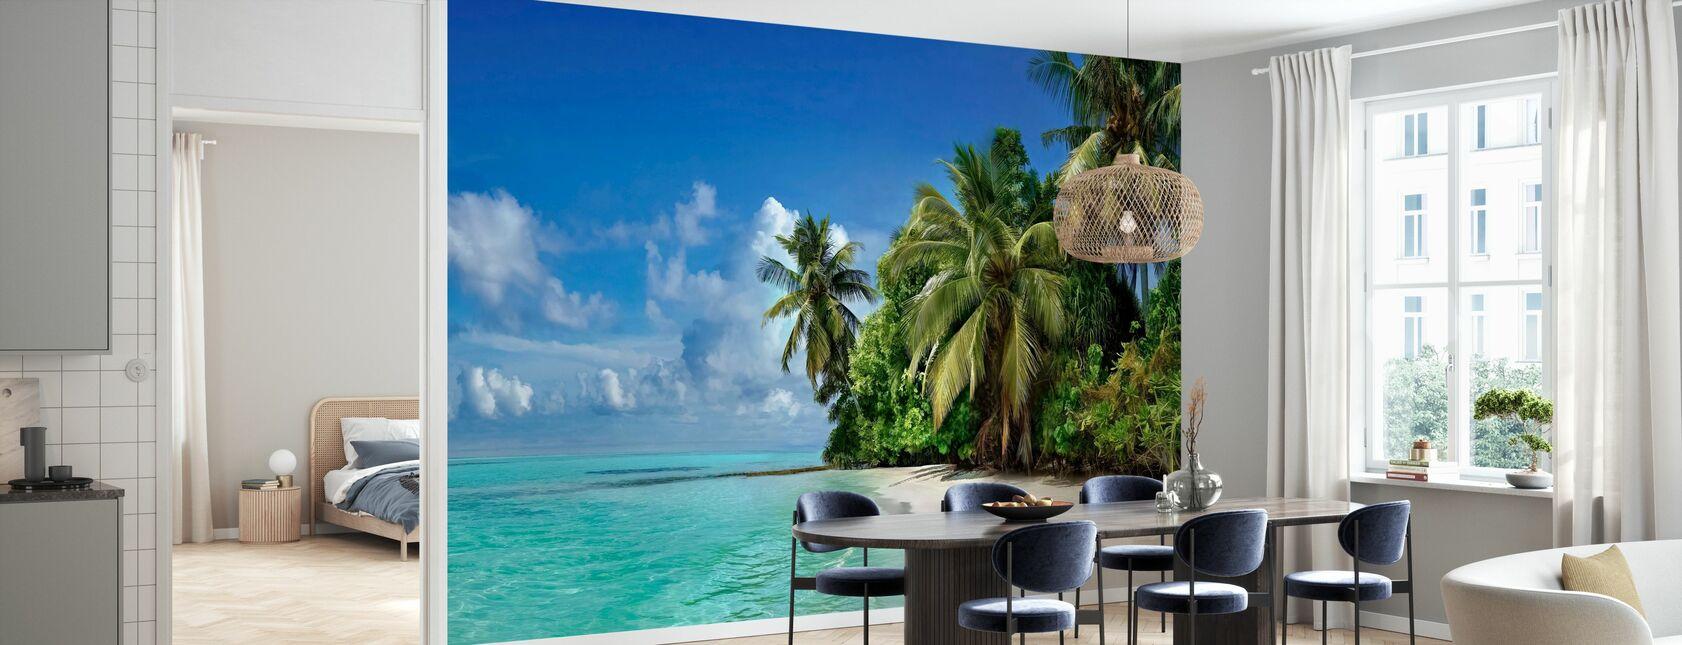 Strandstrand og palmer - Tapet - Kjøkken